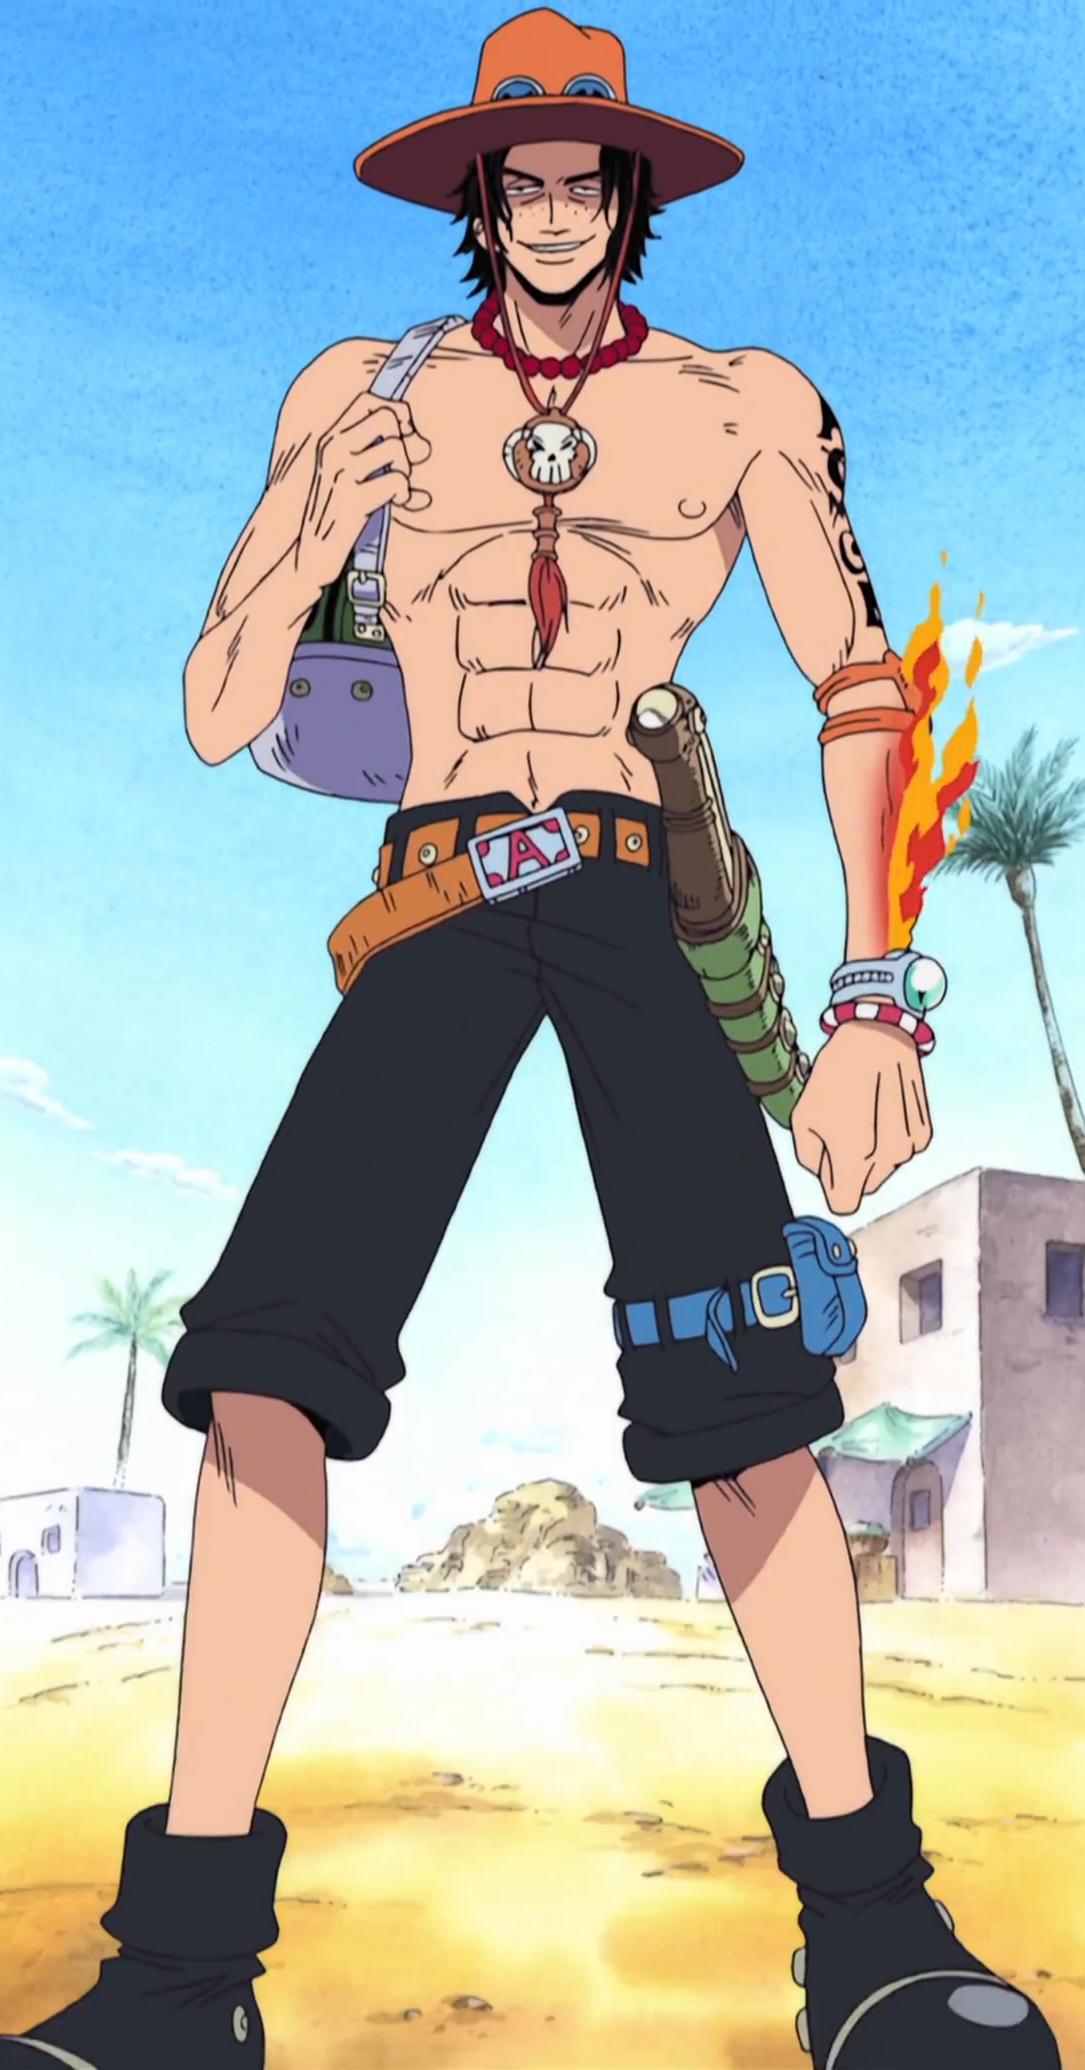 Portgas D Ace Manga Anime One Piece One Piece Ace One Piece Manga